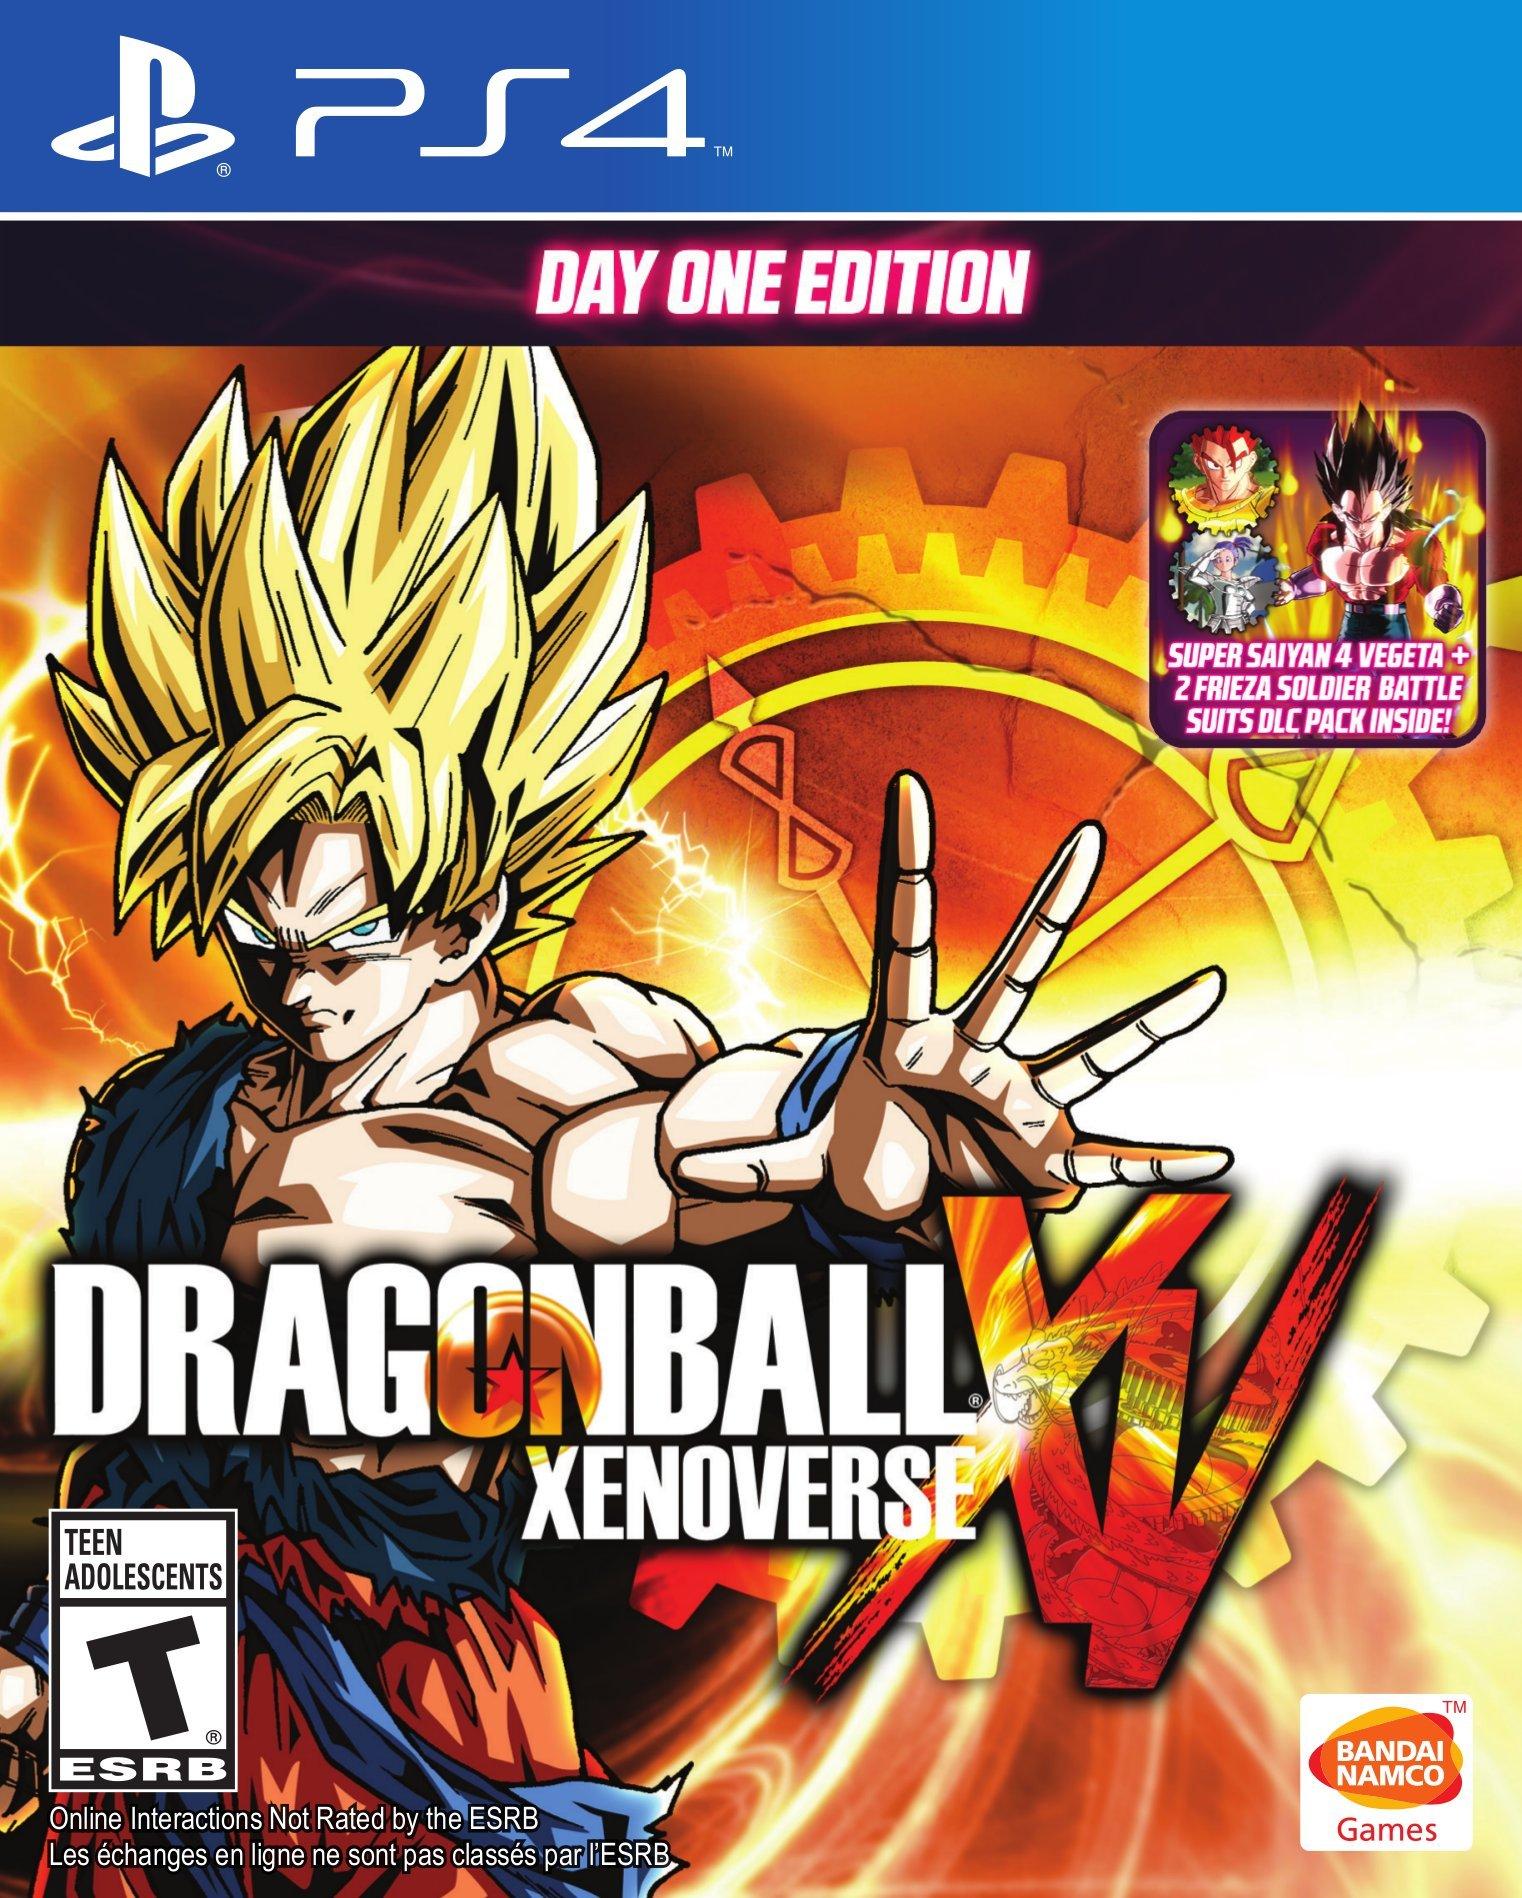 Dragon Ball Xenoverse PS4 Portada